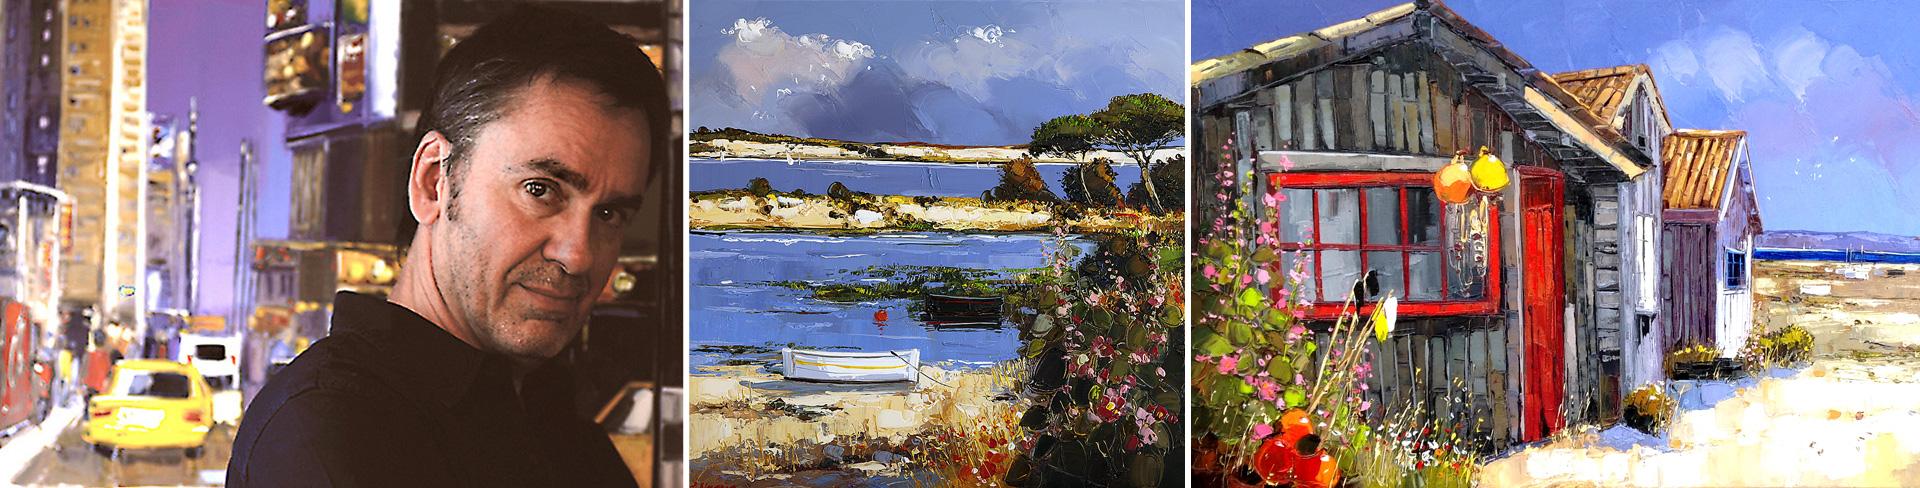 Artiste Peintre St Tropez fabien novarino artiste peintre contemporain - galerie saint